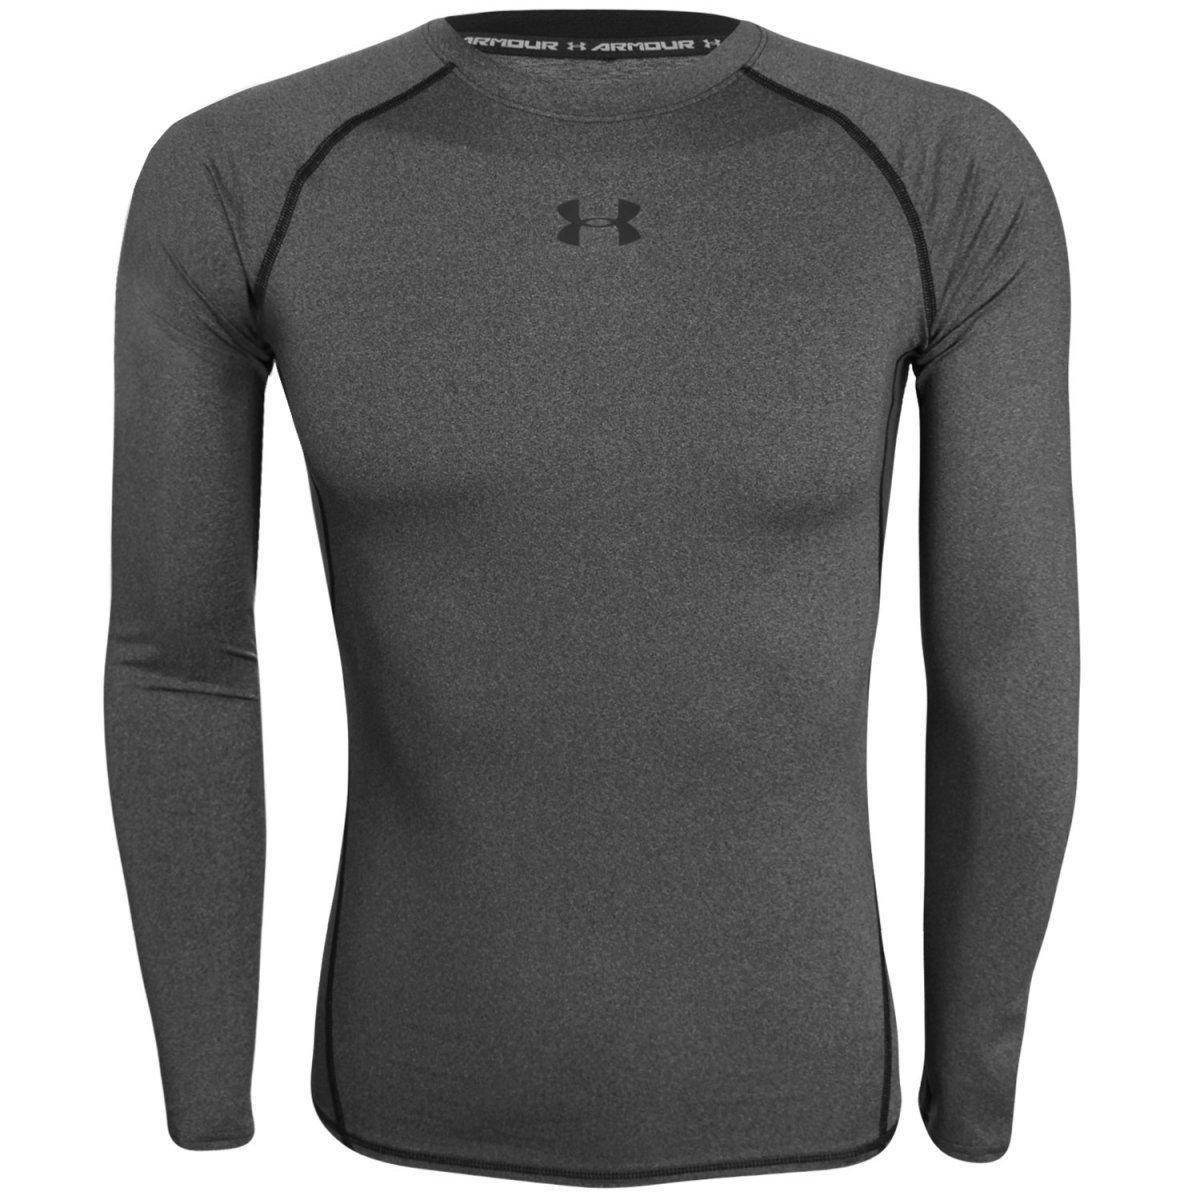 7a961535818 Camiseta Under Armour Long Sleeve Compressão - Cinza - Compre Agora ...